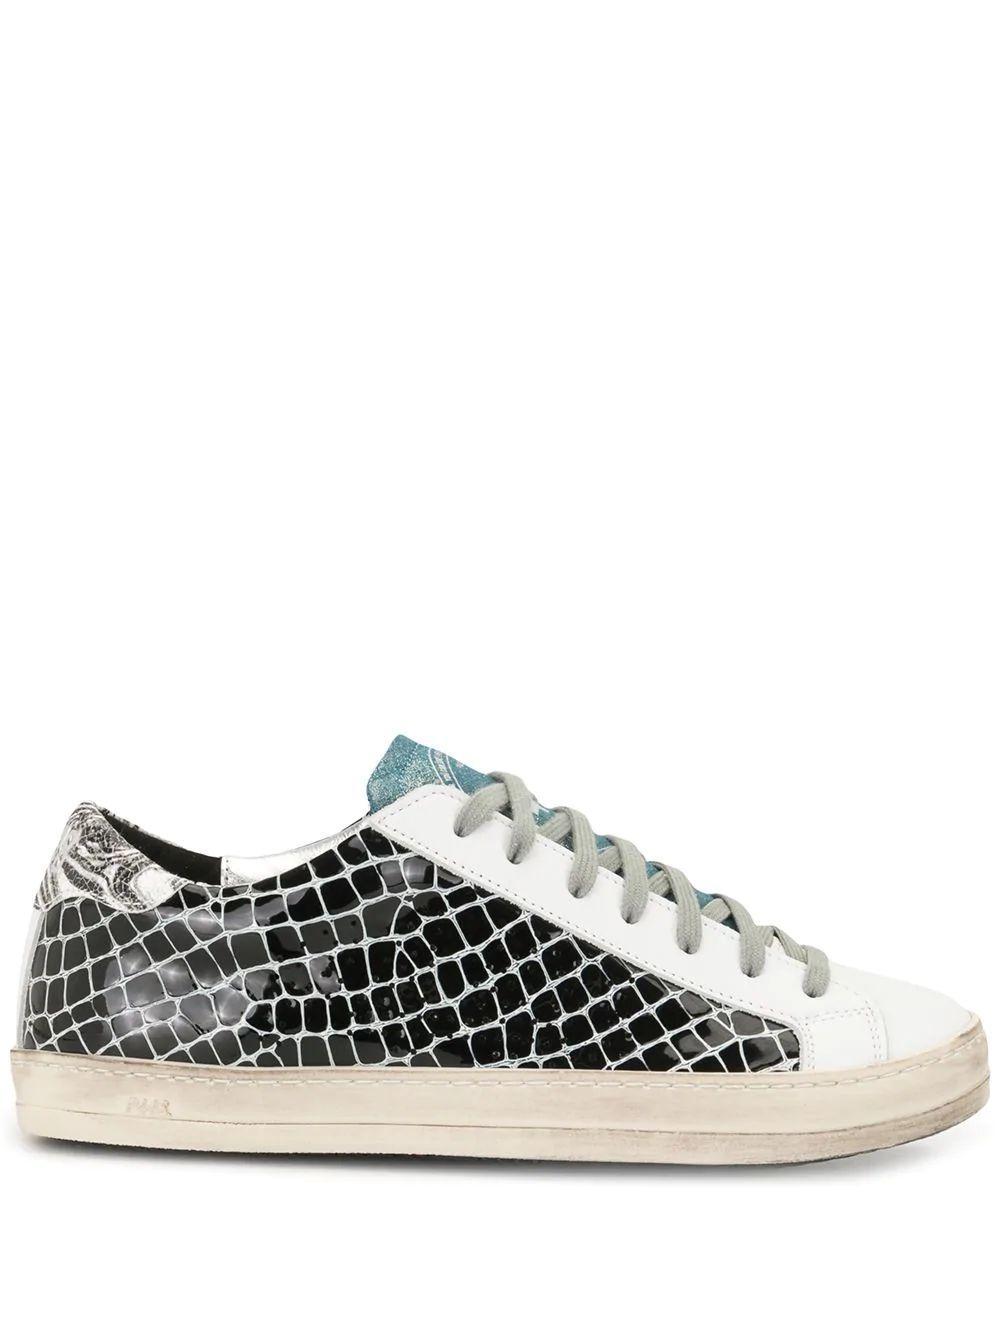 Mixed Print Croc Sneaker